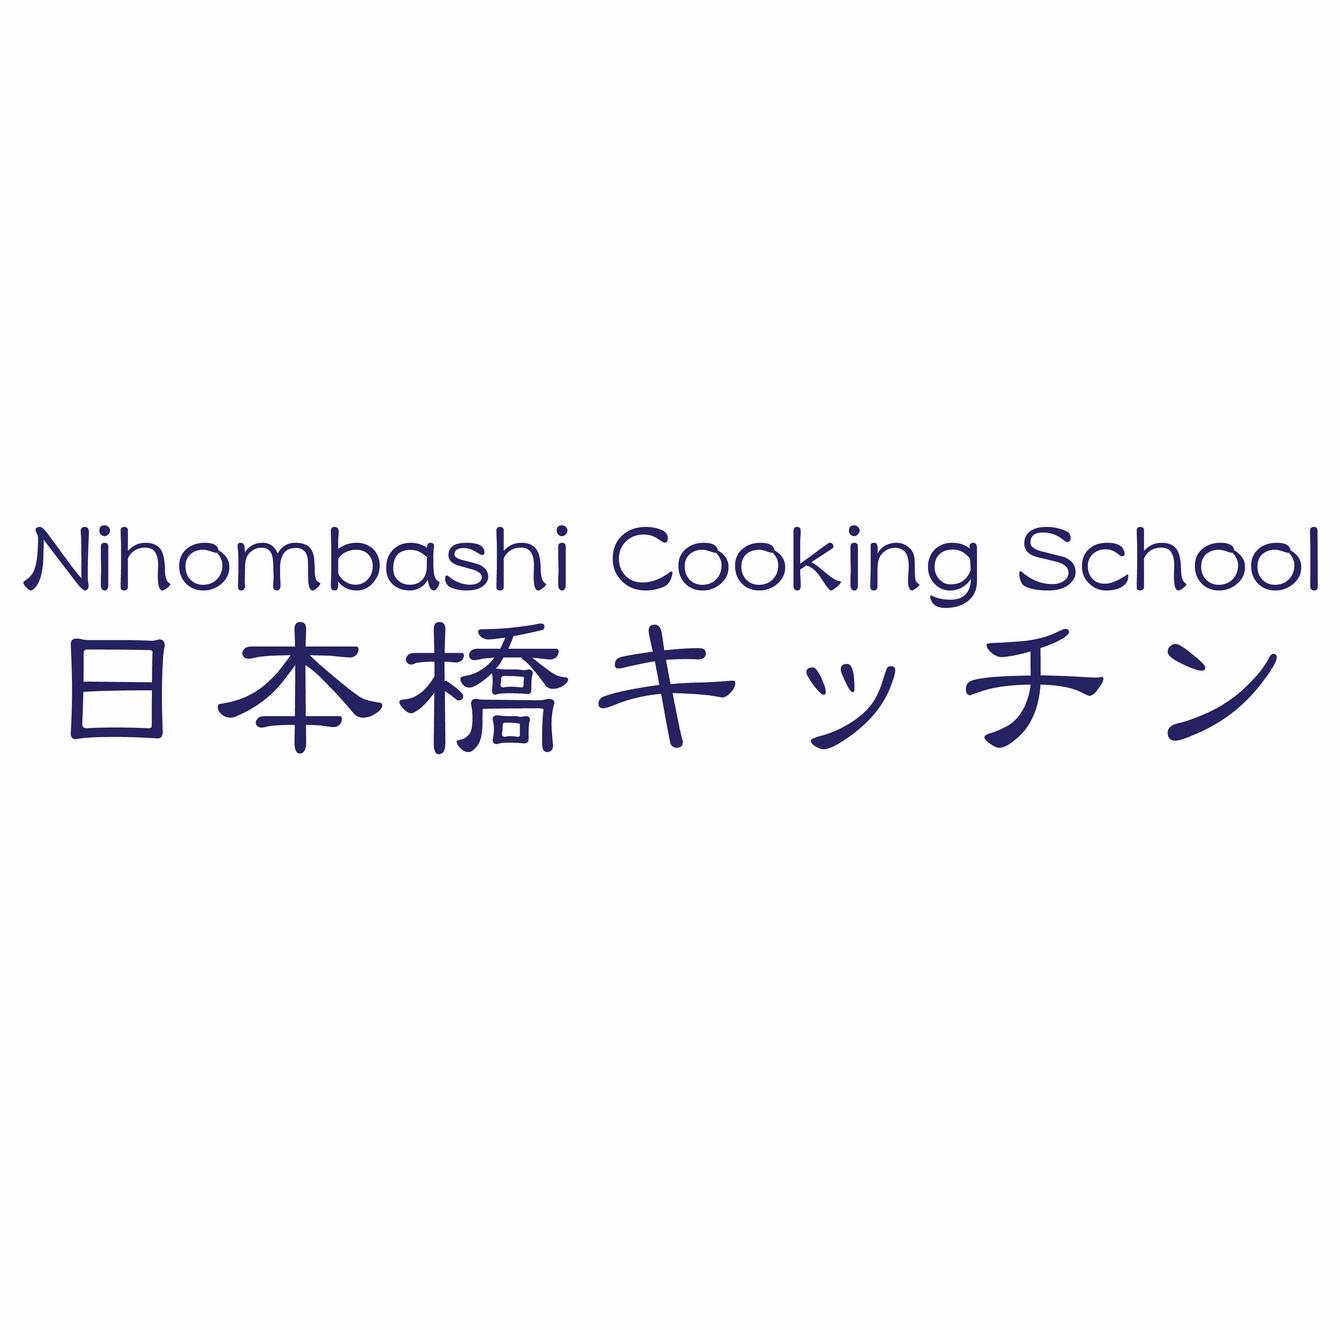 日本橋キッチン   おいしい料理研究家   家庭料理